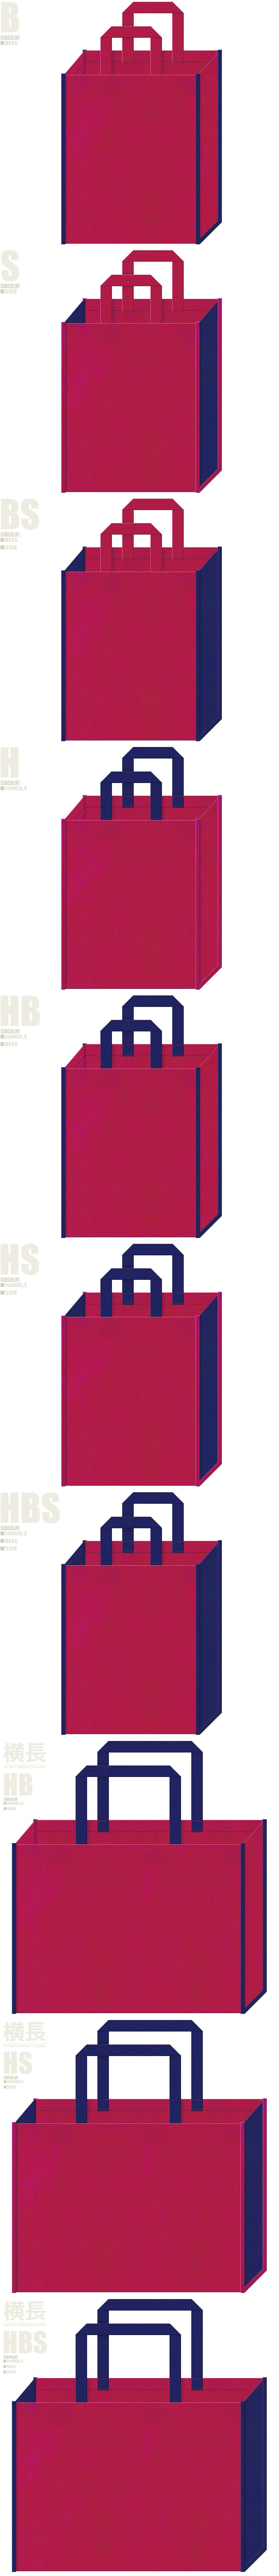 濃いピンク色と明るめの紺色、7パターンの不織布トートバッグ配色デザイン例。女子スポーツイベントのバッグノベルティにお奨めです。